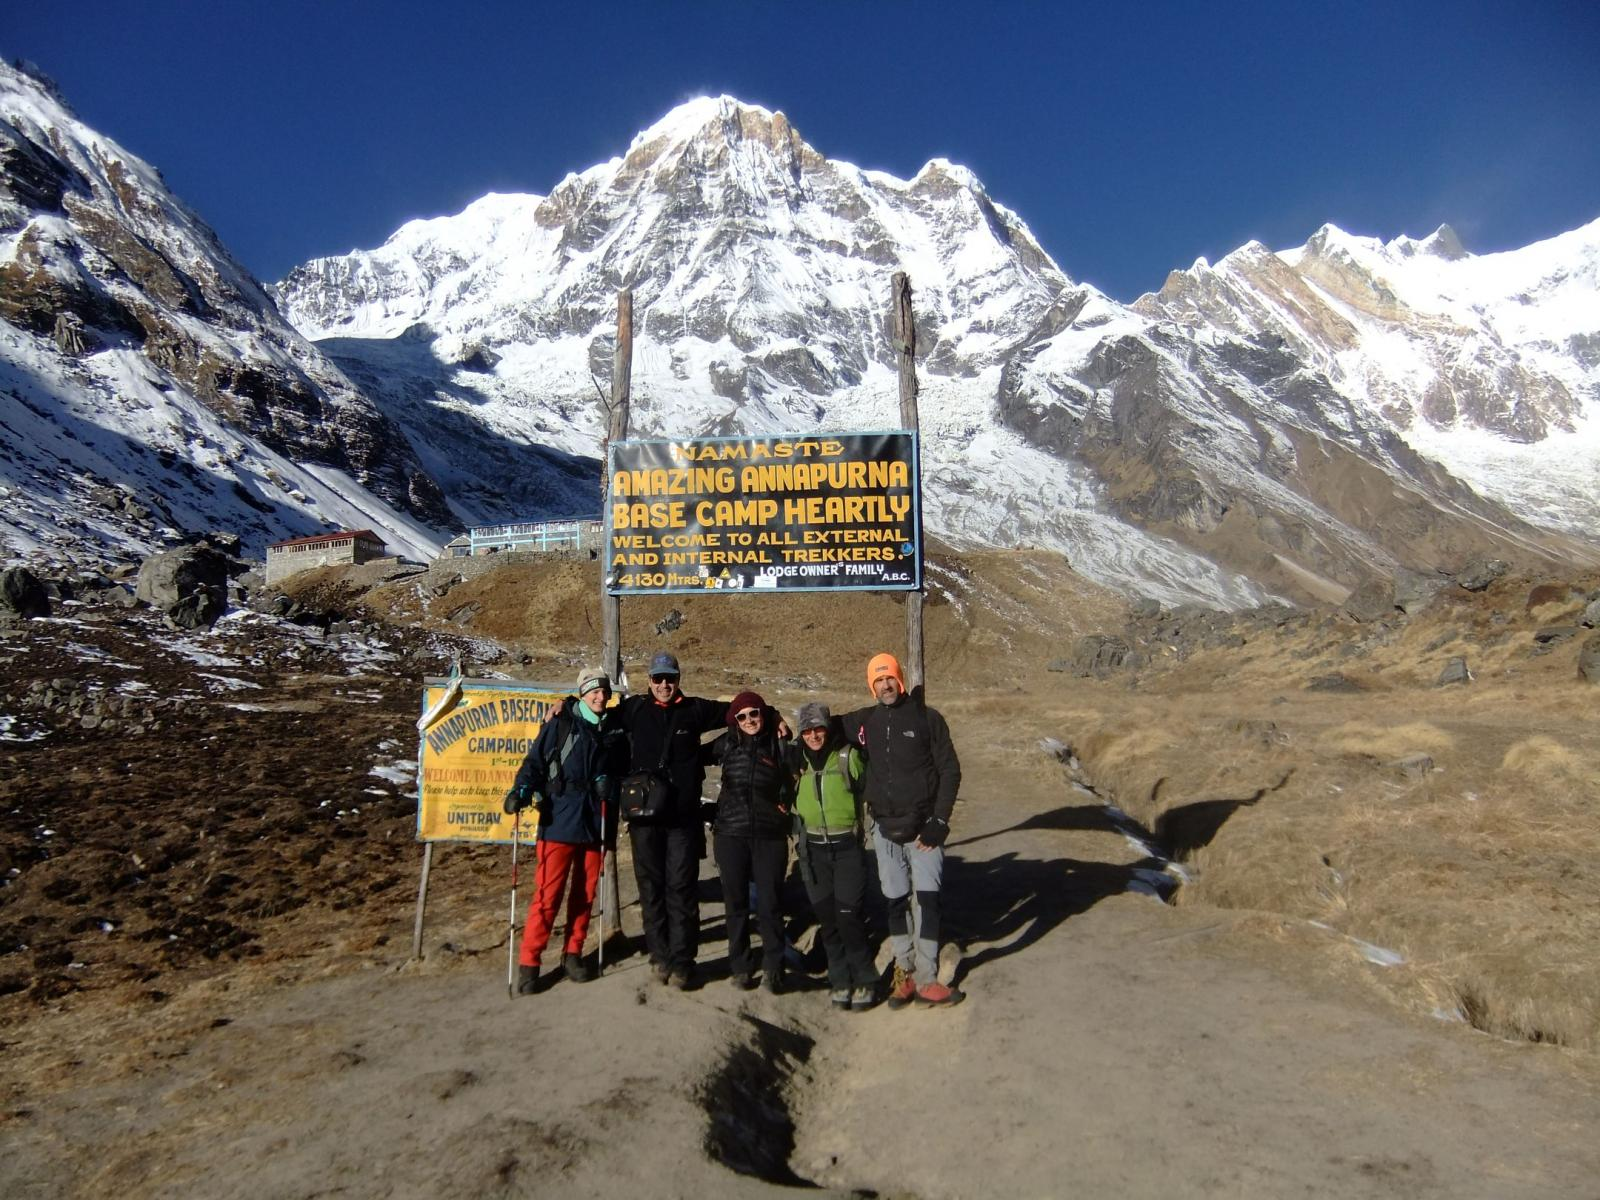 foto di gruppo davanti al campo base Annapurna